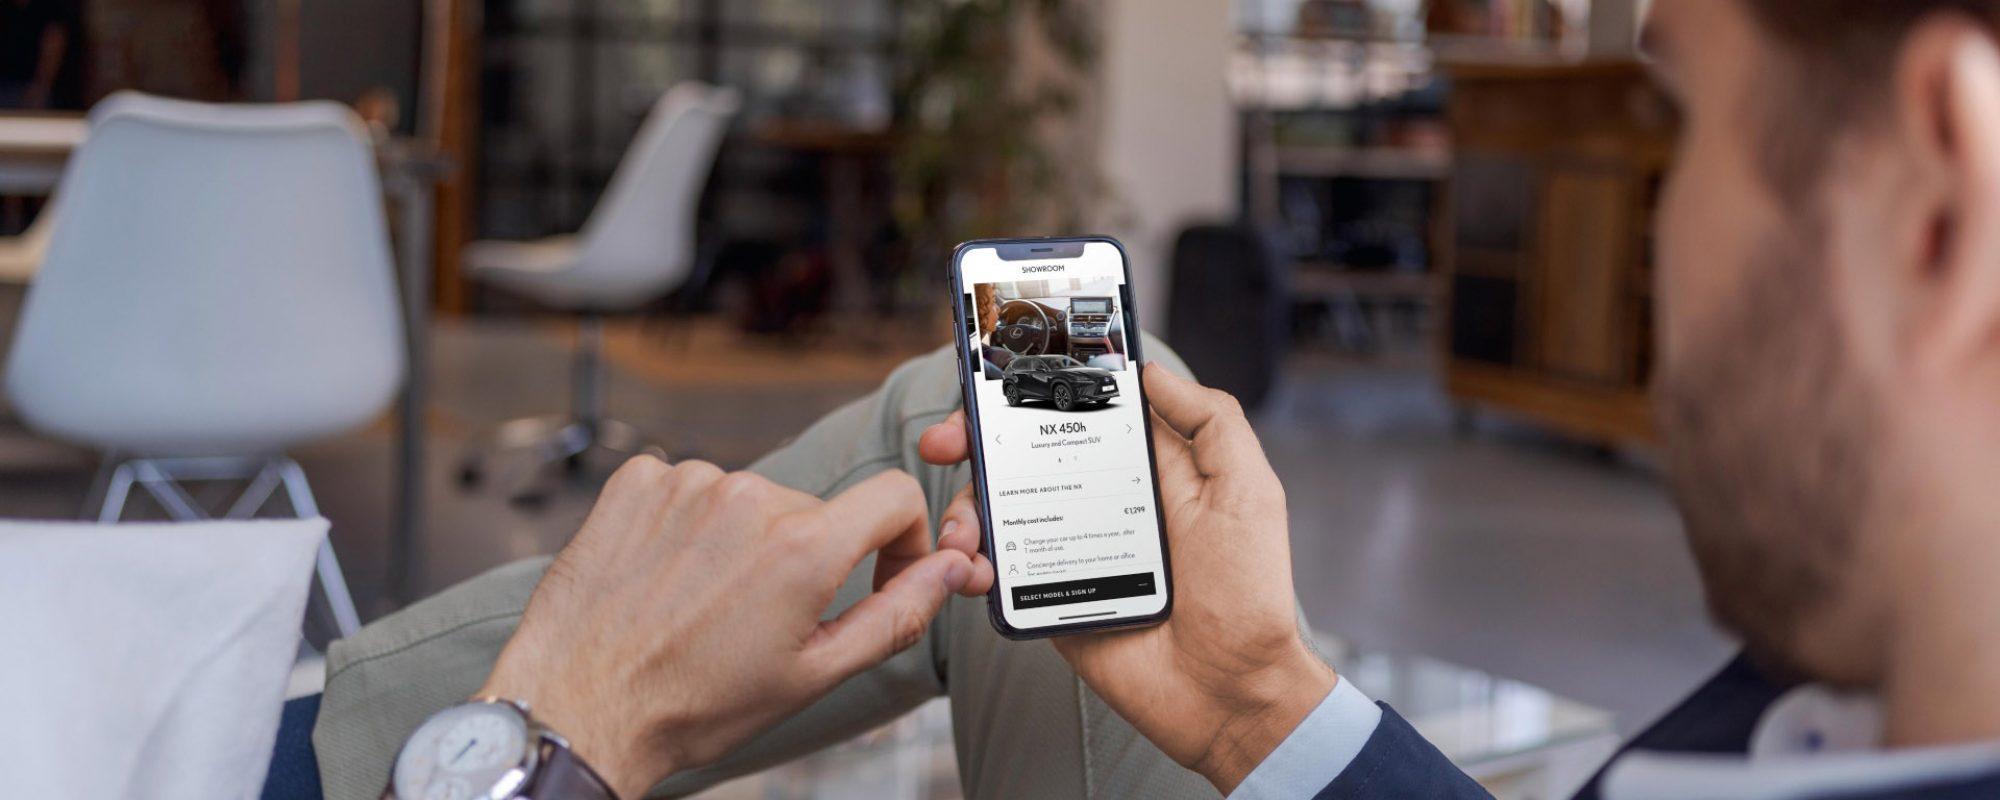 Lexus One: flexibel abonnement op maat